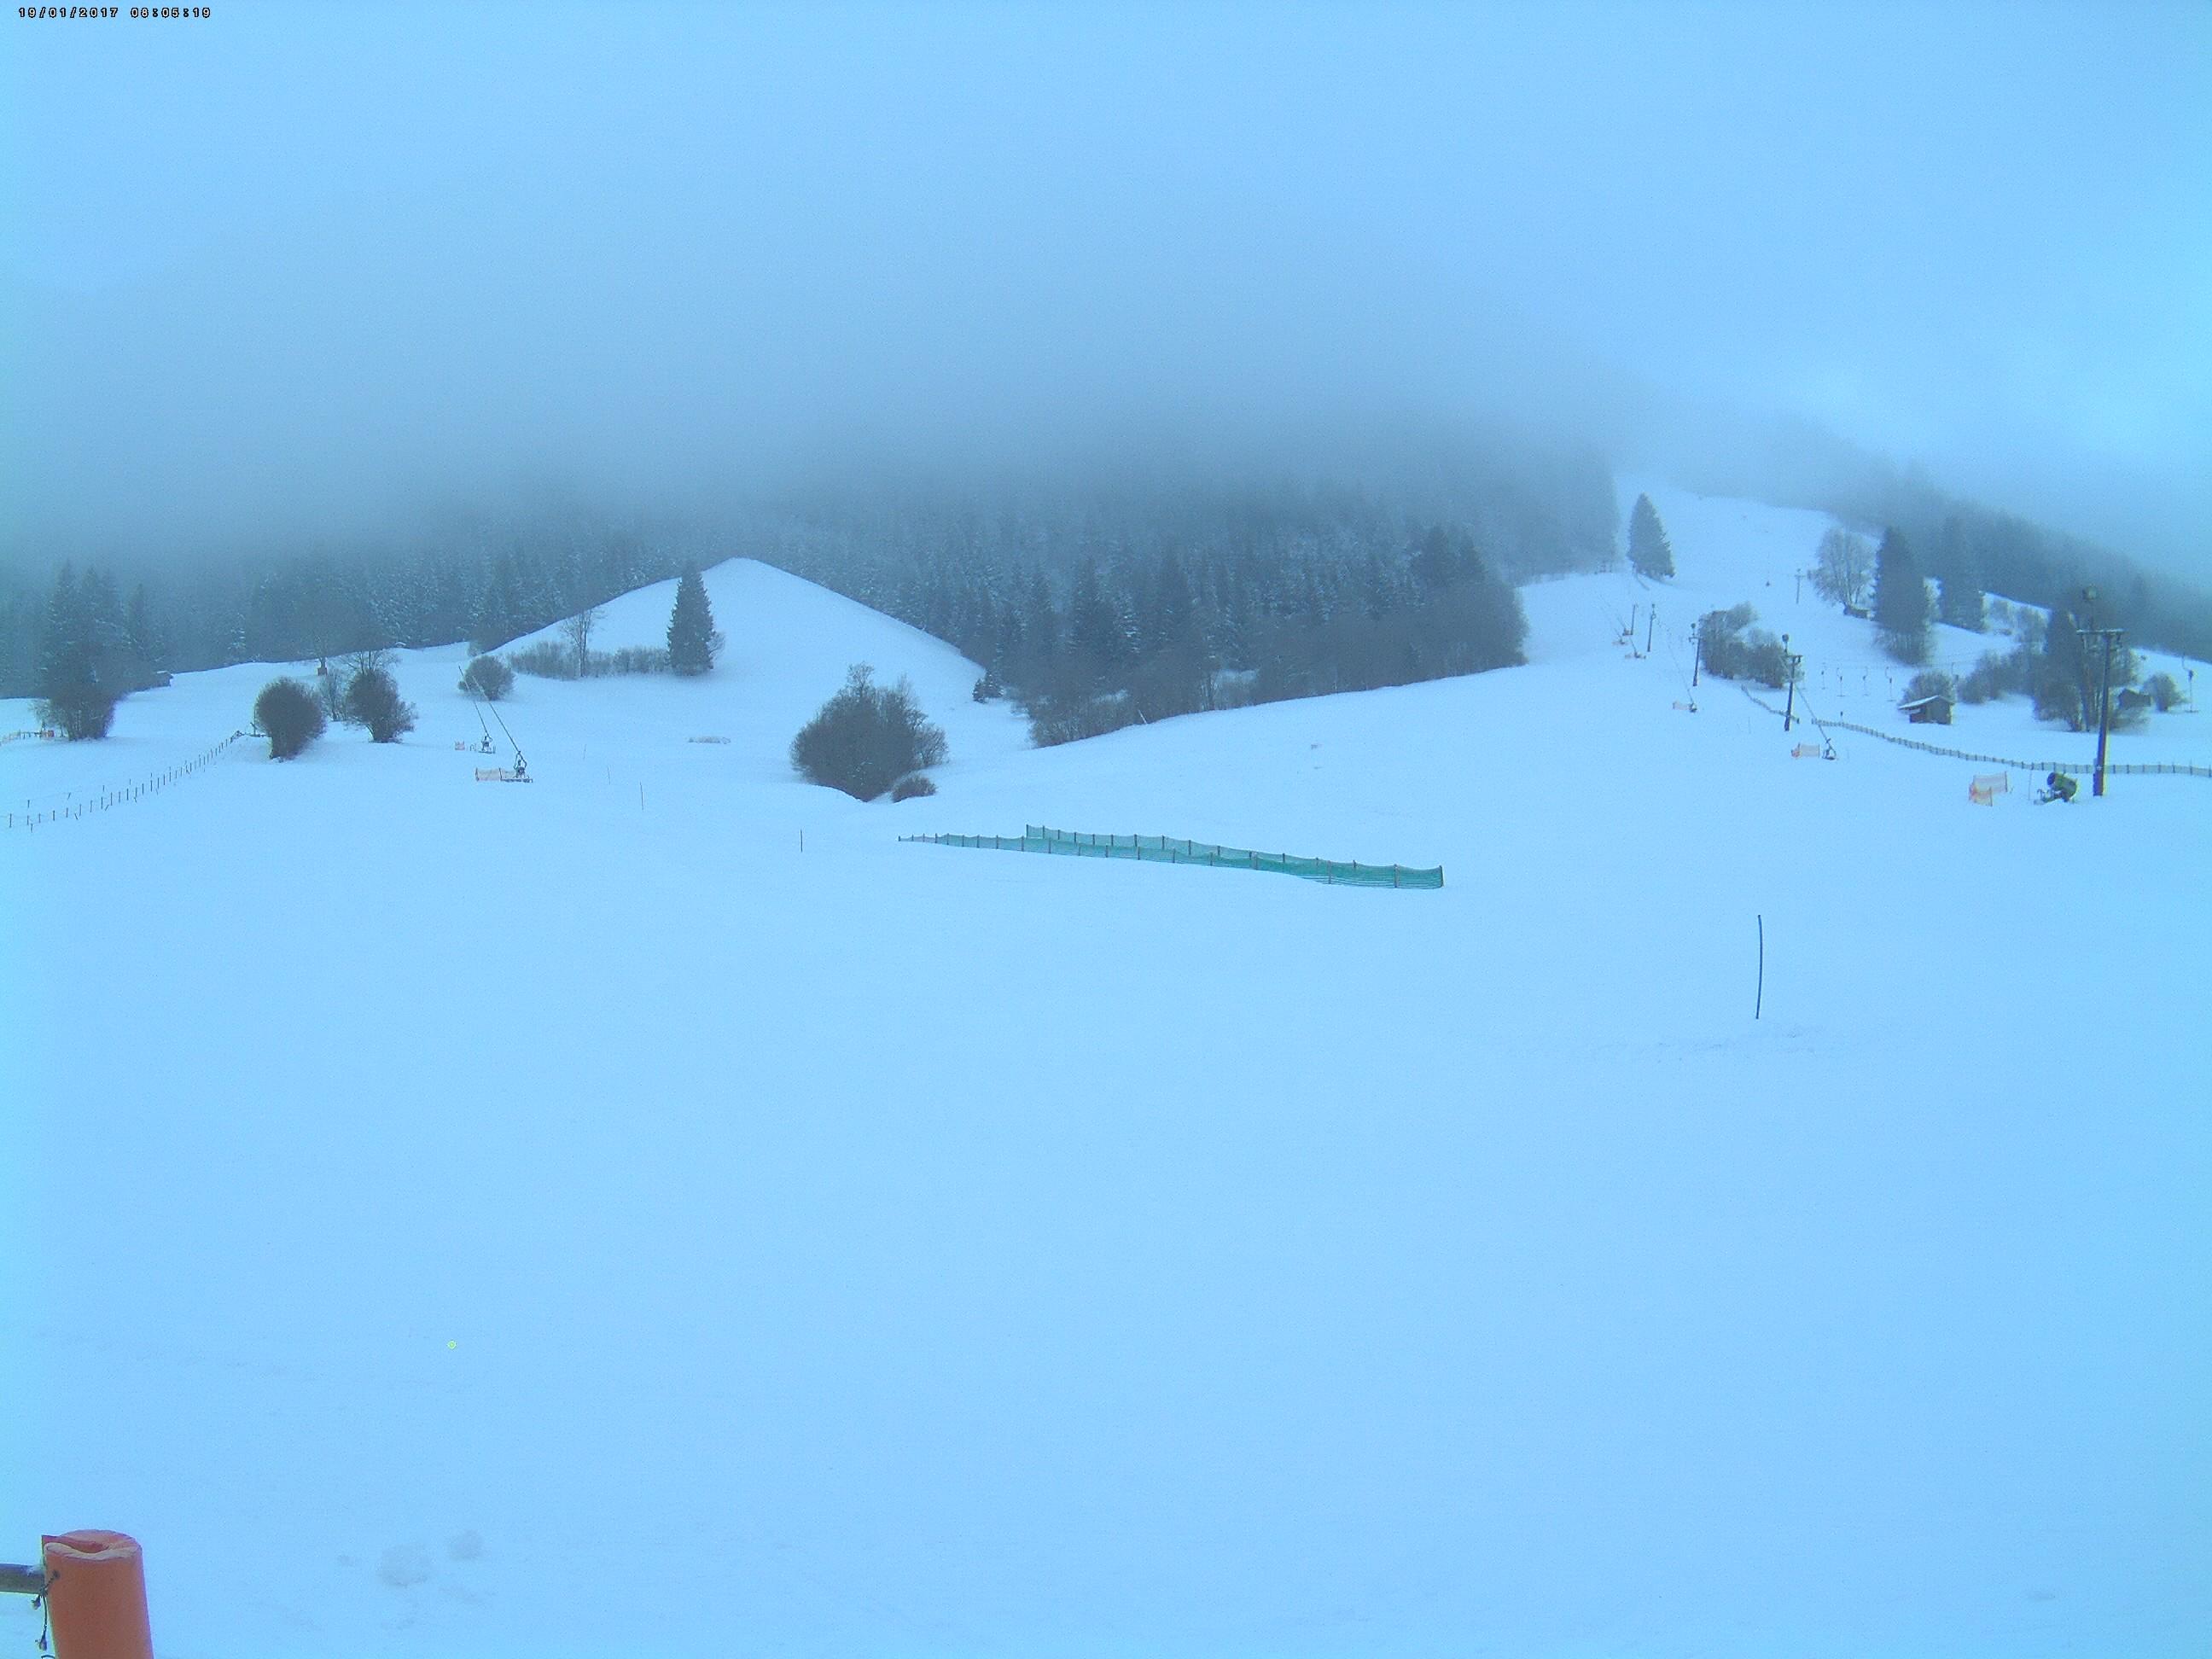 Blick in Richtung Süd. Links die Minilifte und links im Hintergrund der Ideallift (Tellerlift). Oben rechts im Bild der Eiskletterturm.